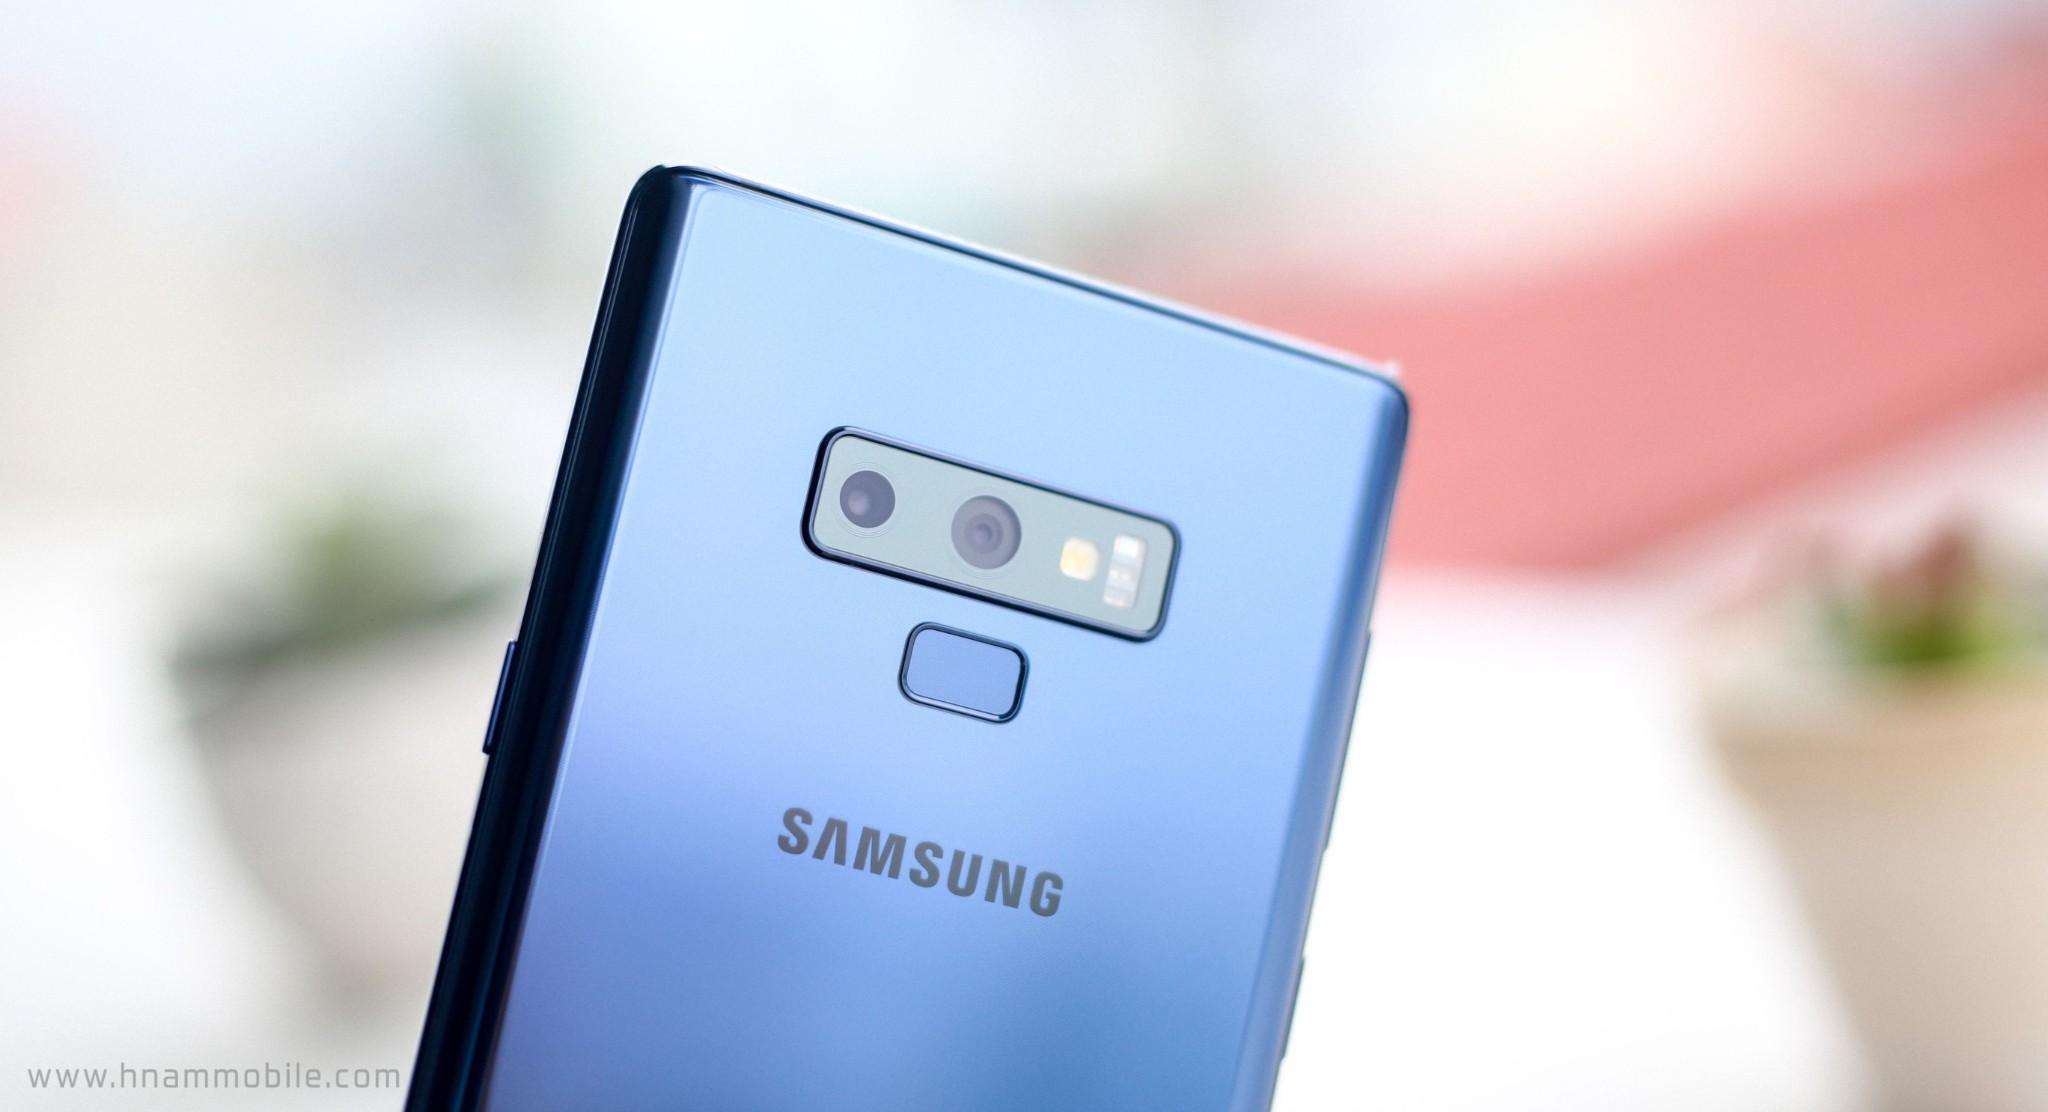 Đập hộp Galaxy Note 9 chính hãng phiên bản 512GB bán tại Việt Nam hình 12